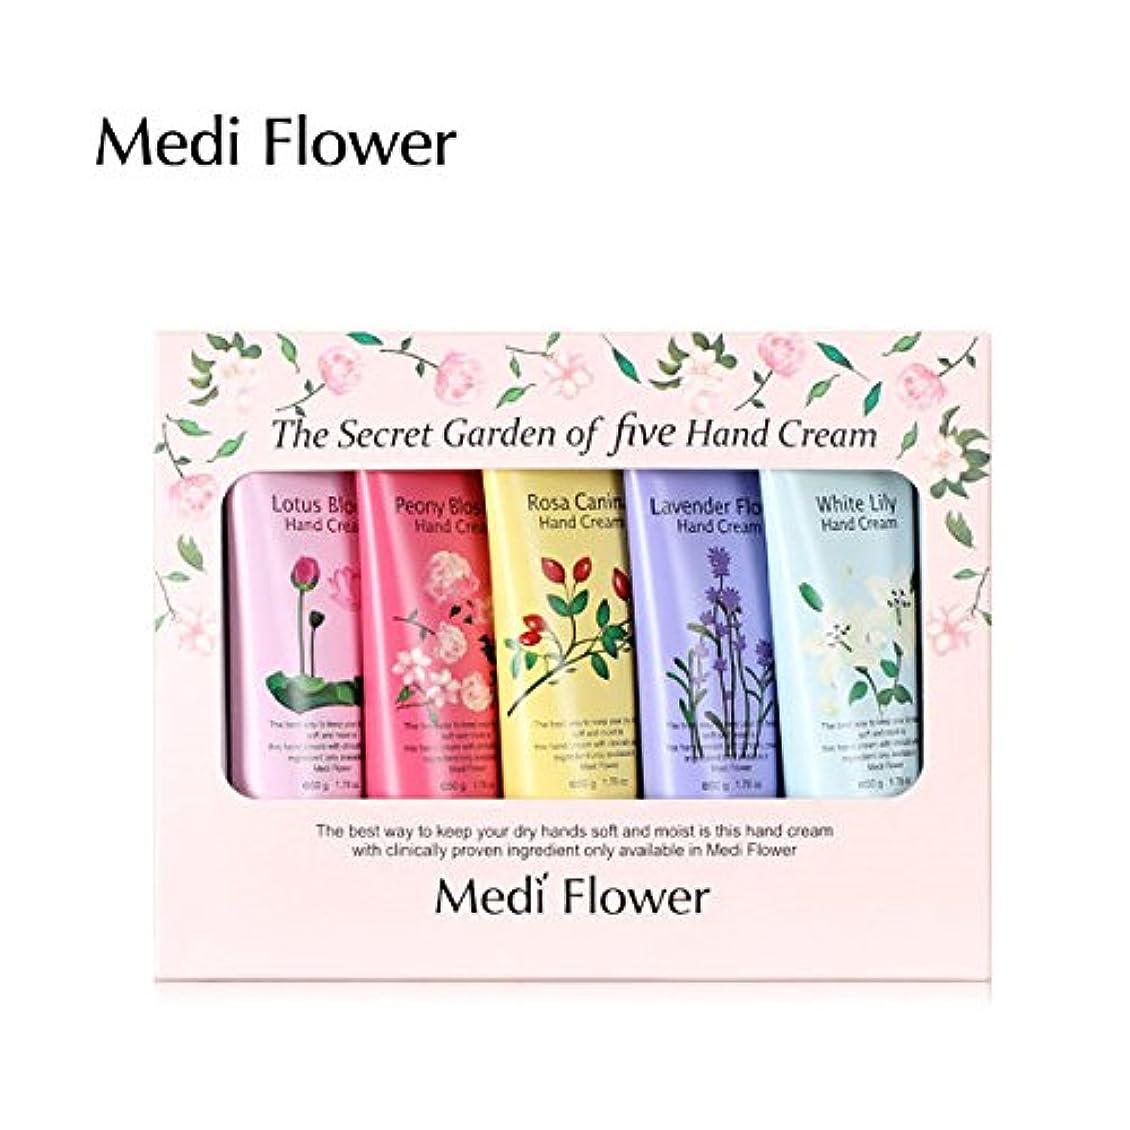 過激派独立した馬力[MediFlower] ザ?シークレットガーデン?ハンドクリームセット(50g x 5個) / The Secret Garden of Five Hand Cream Set